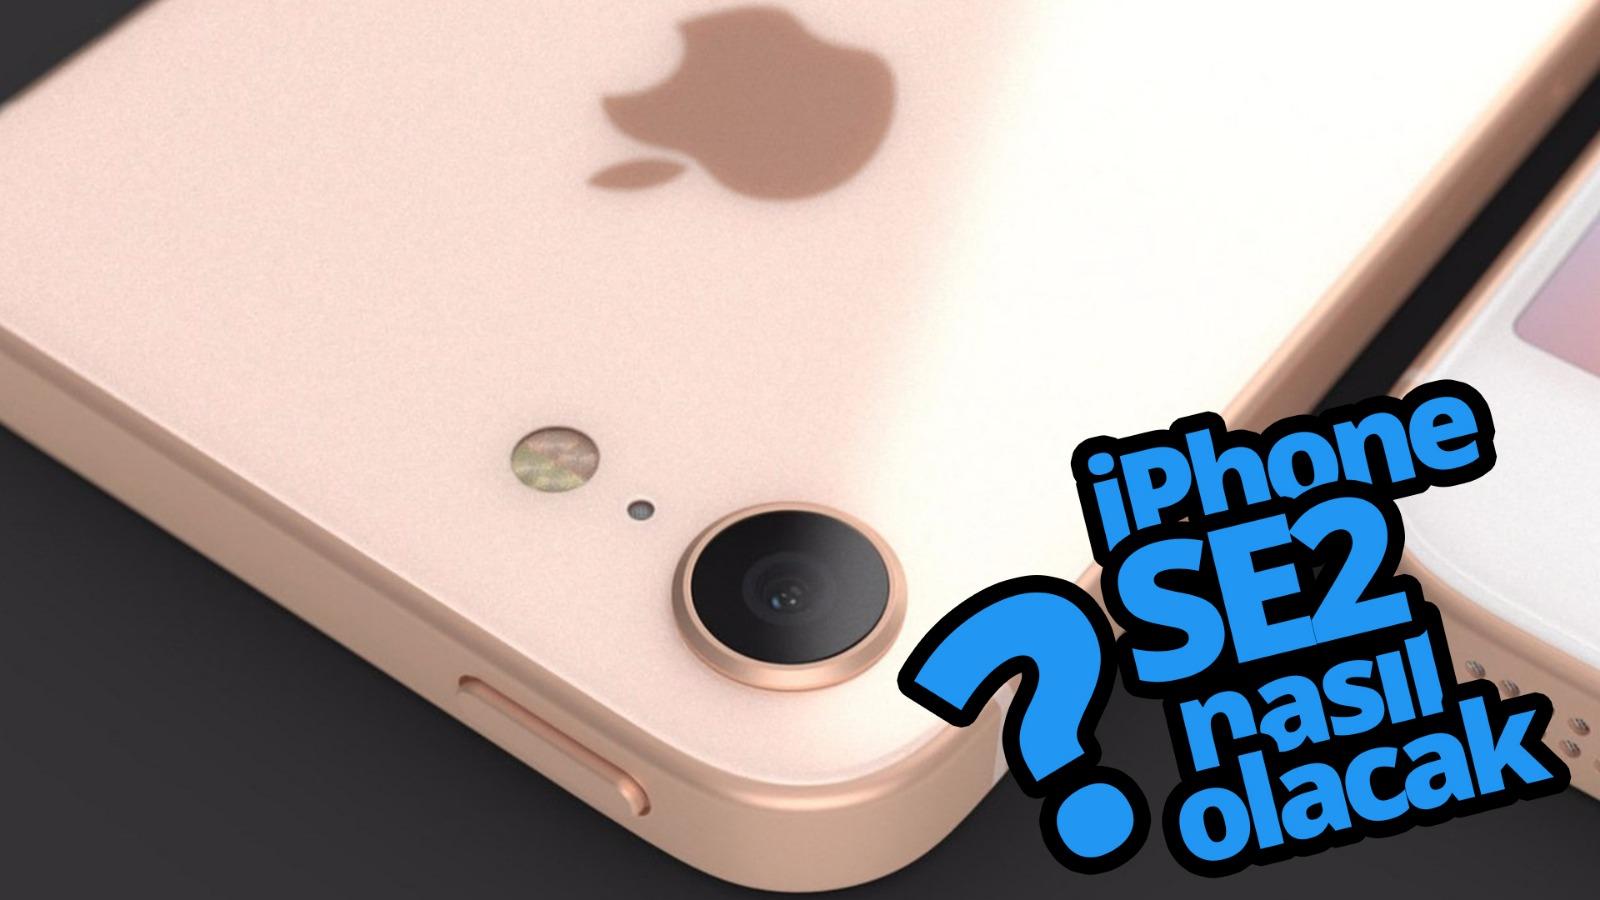 iPhone SE 2 nasıl olacak? İşte tüm bilinenler (VİDEO)